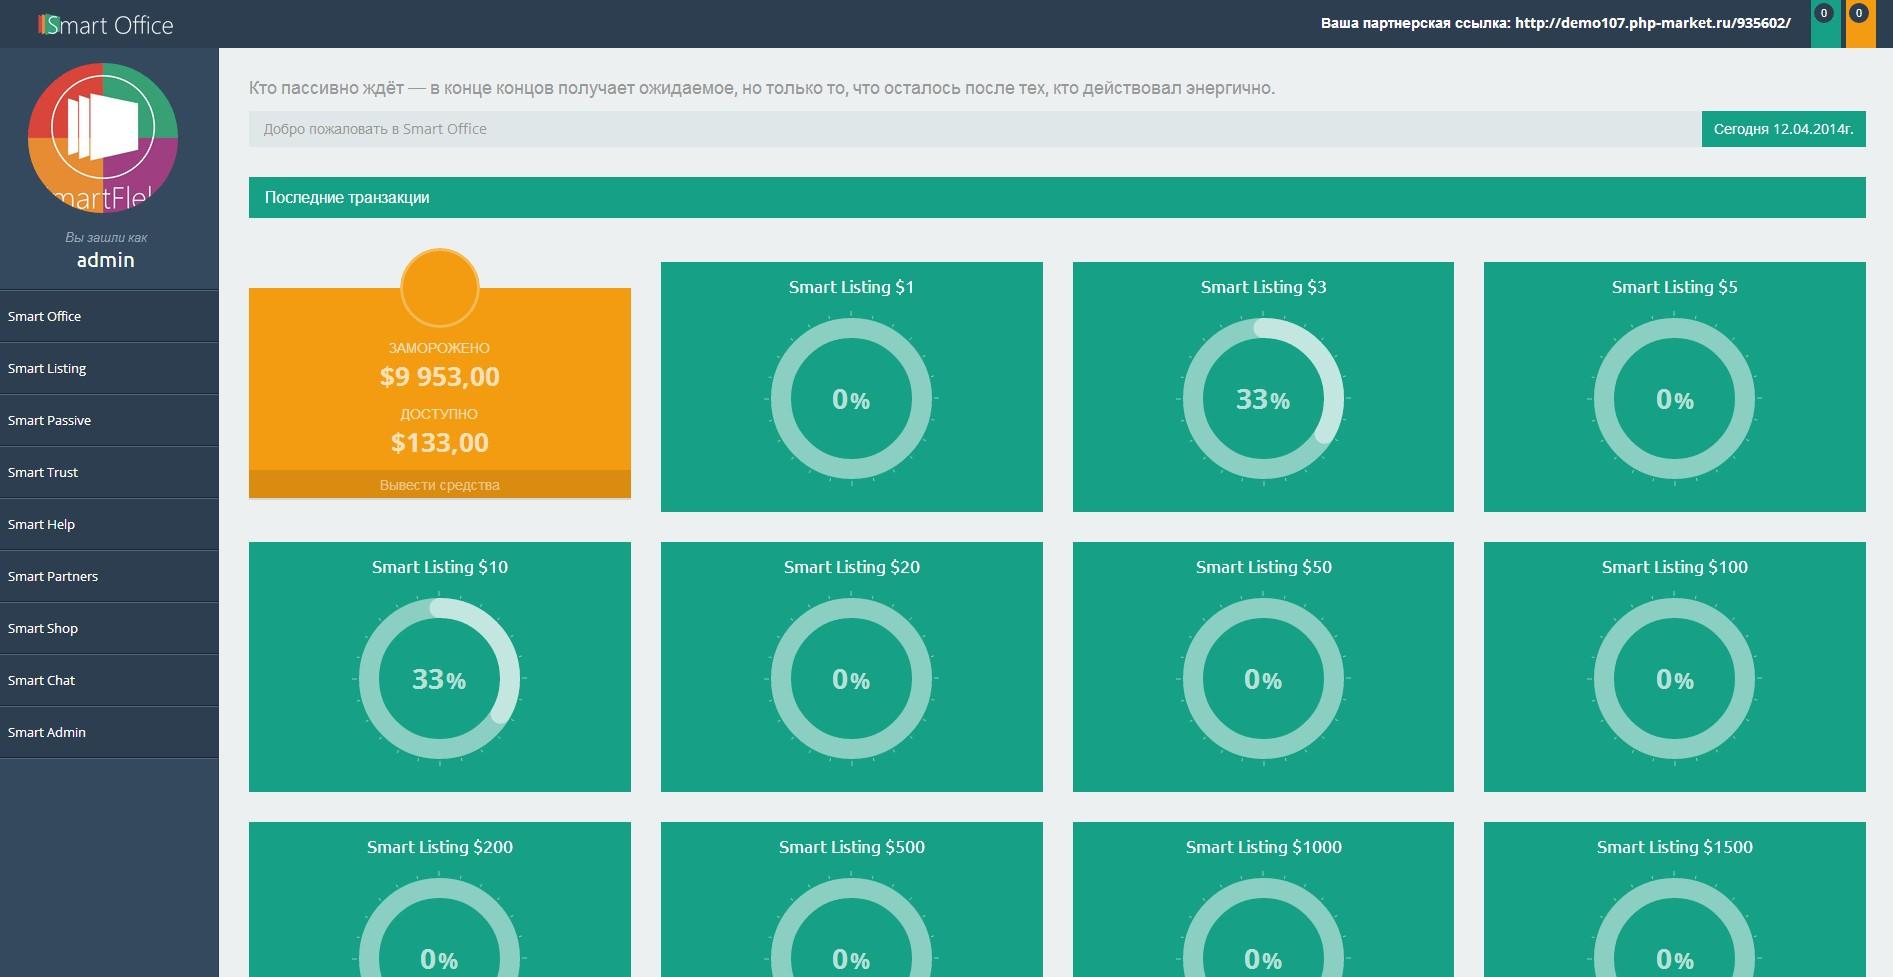 Движок сайта финансовой пирамиды скачать файловый хостинг без рекламы